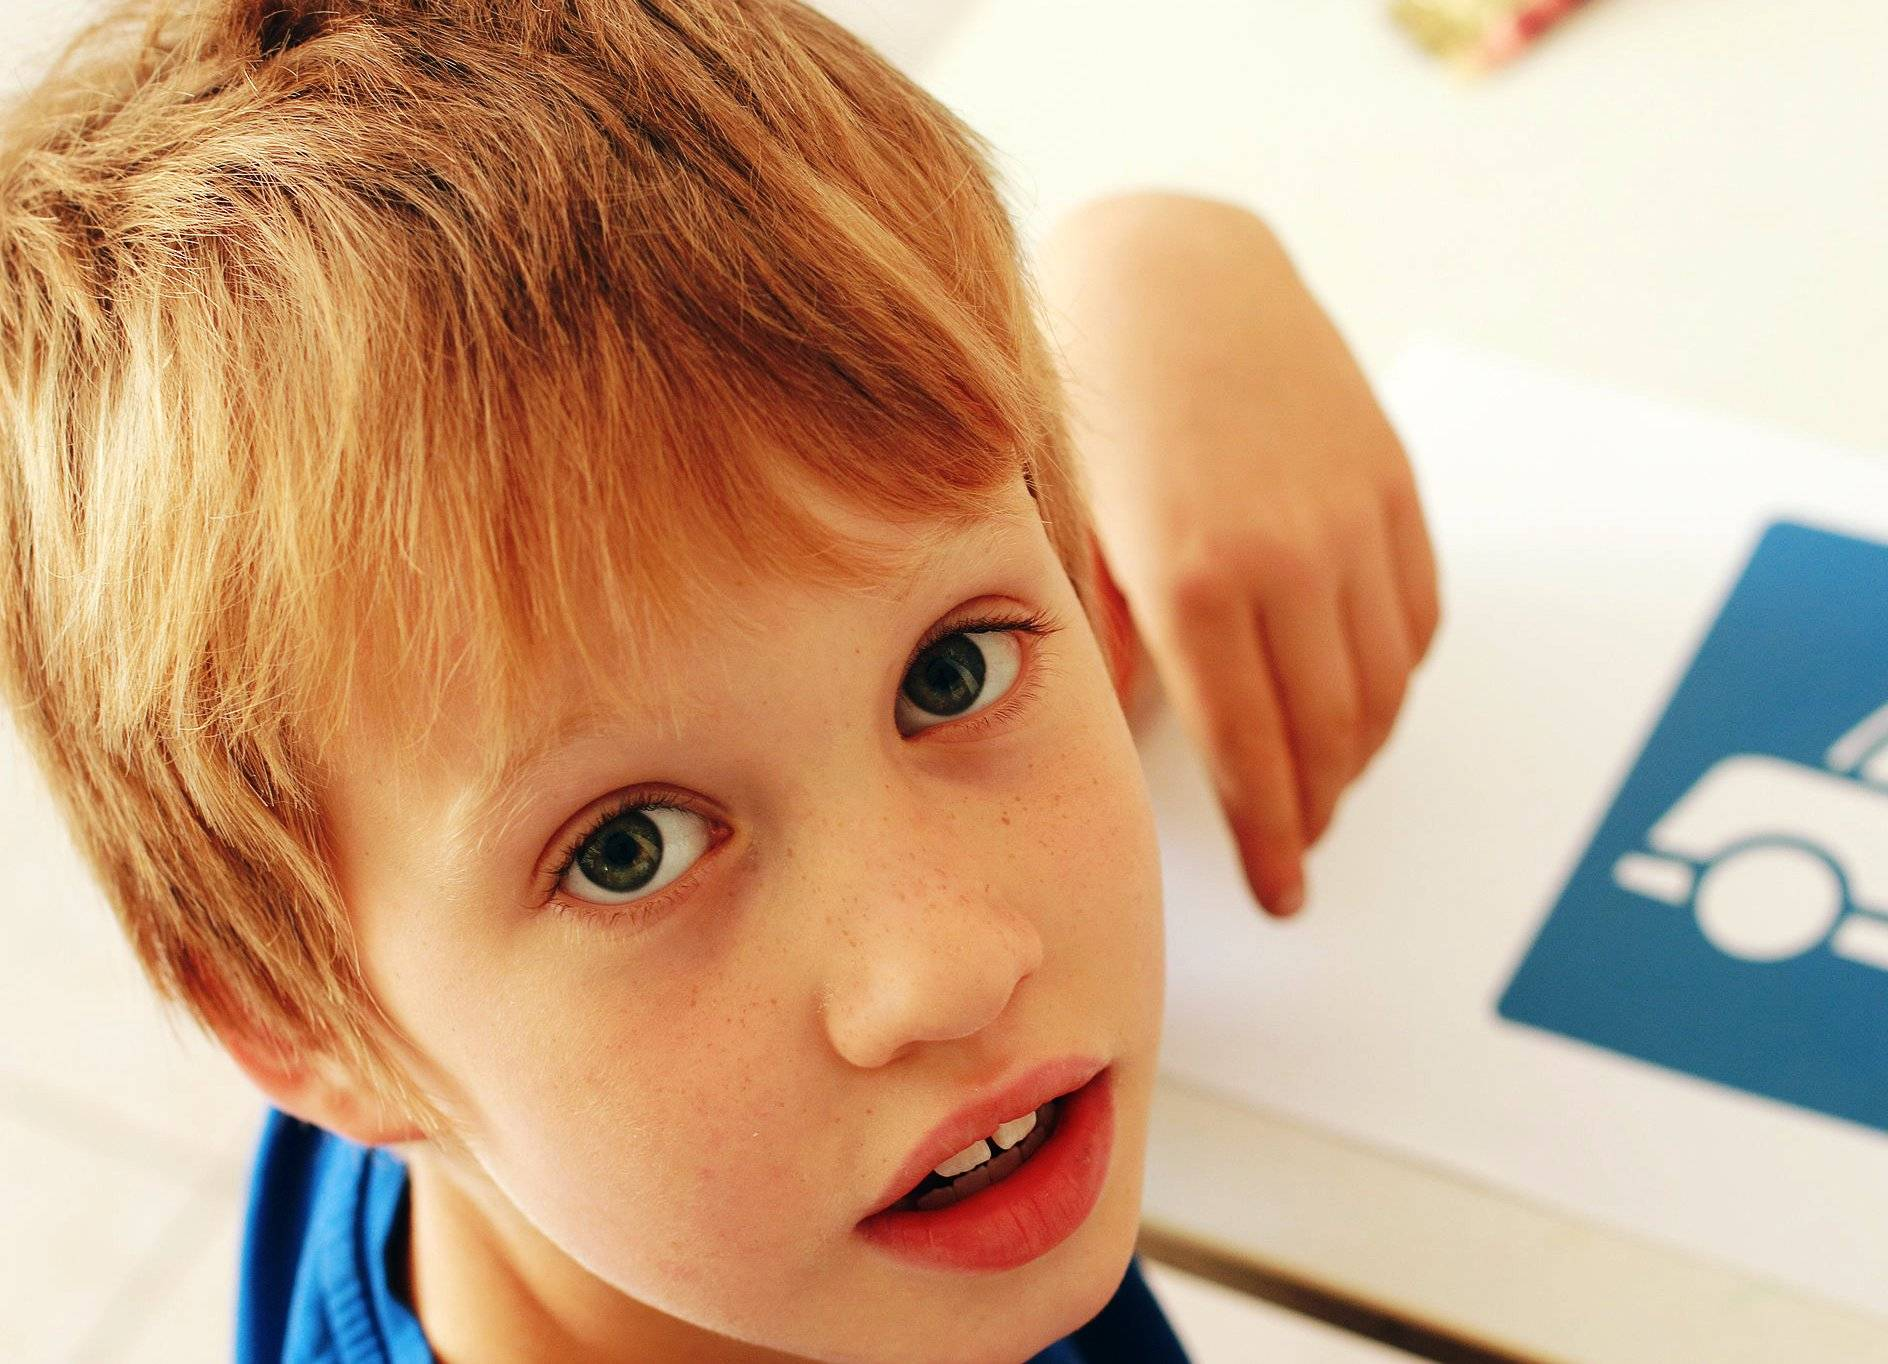 Аутизм — это не приговор